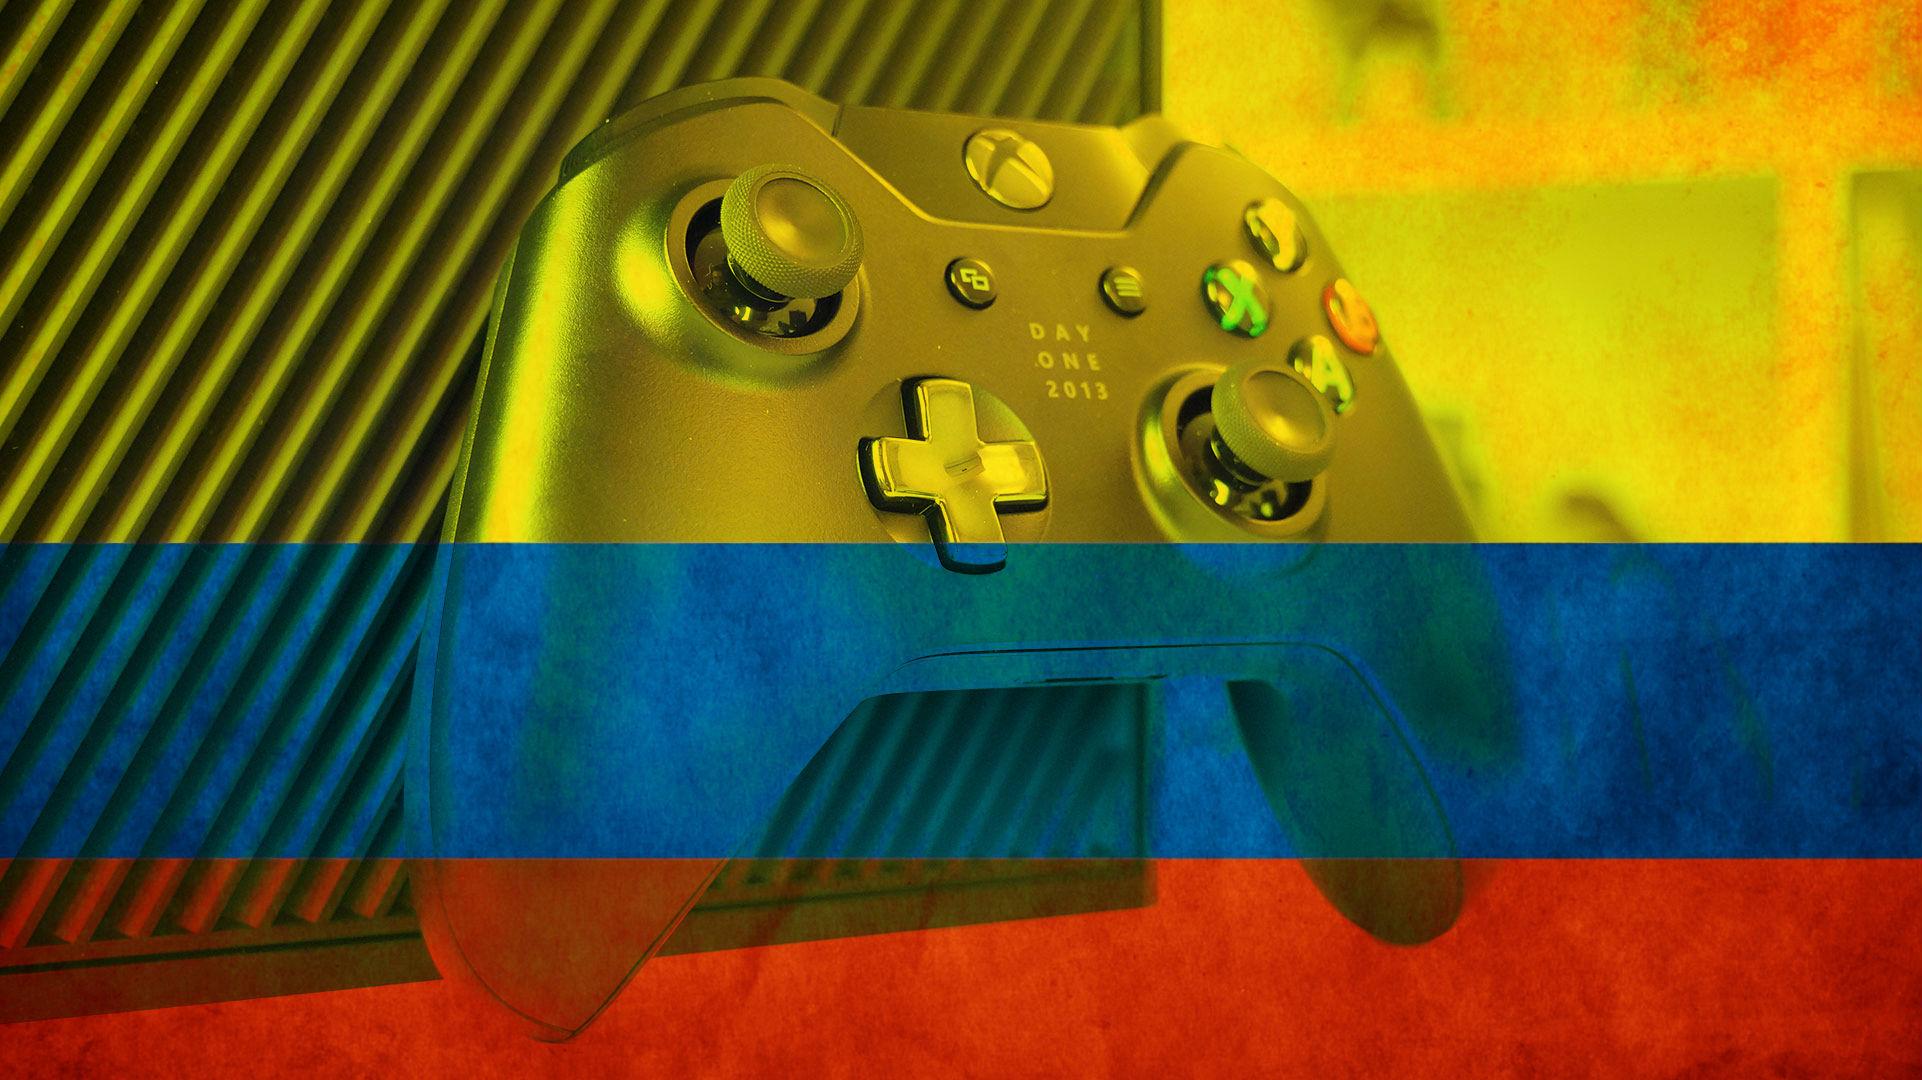 consolas de videojuegos colombia